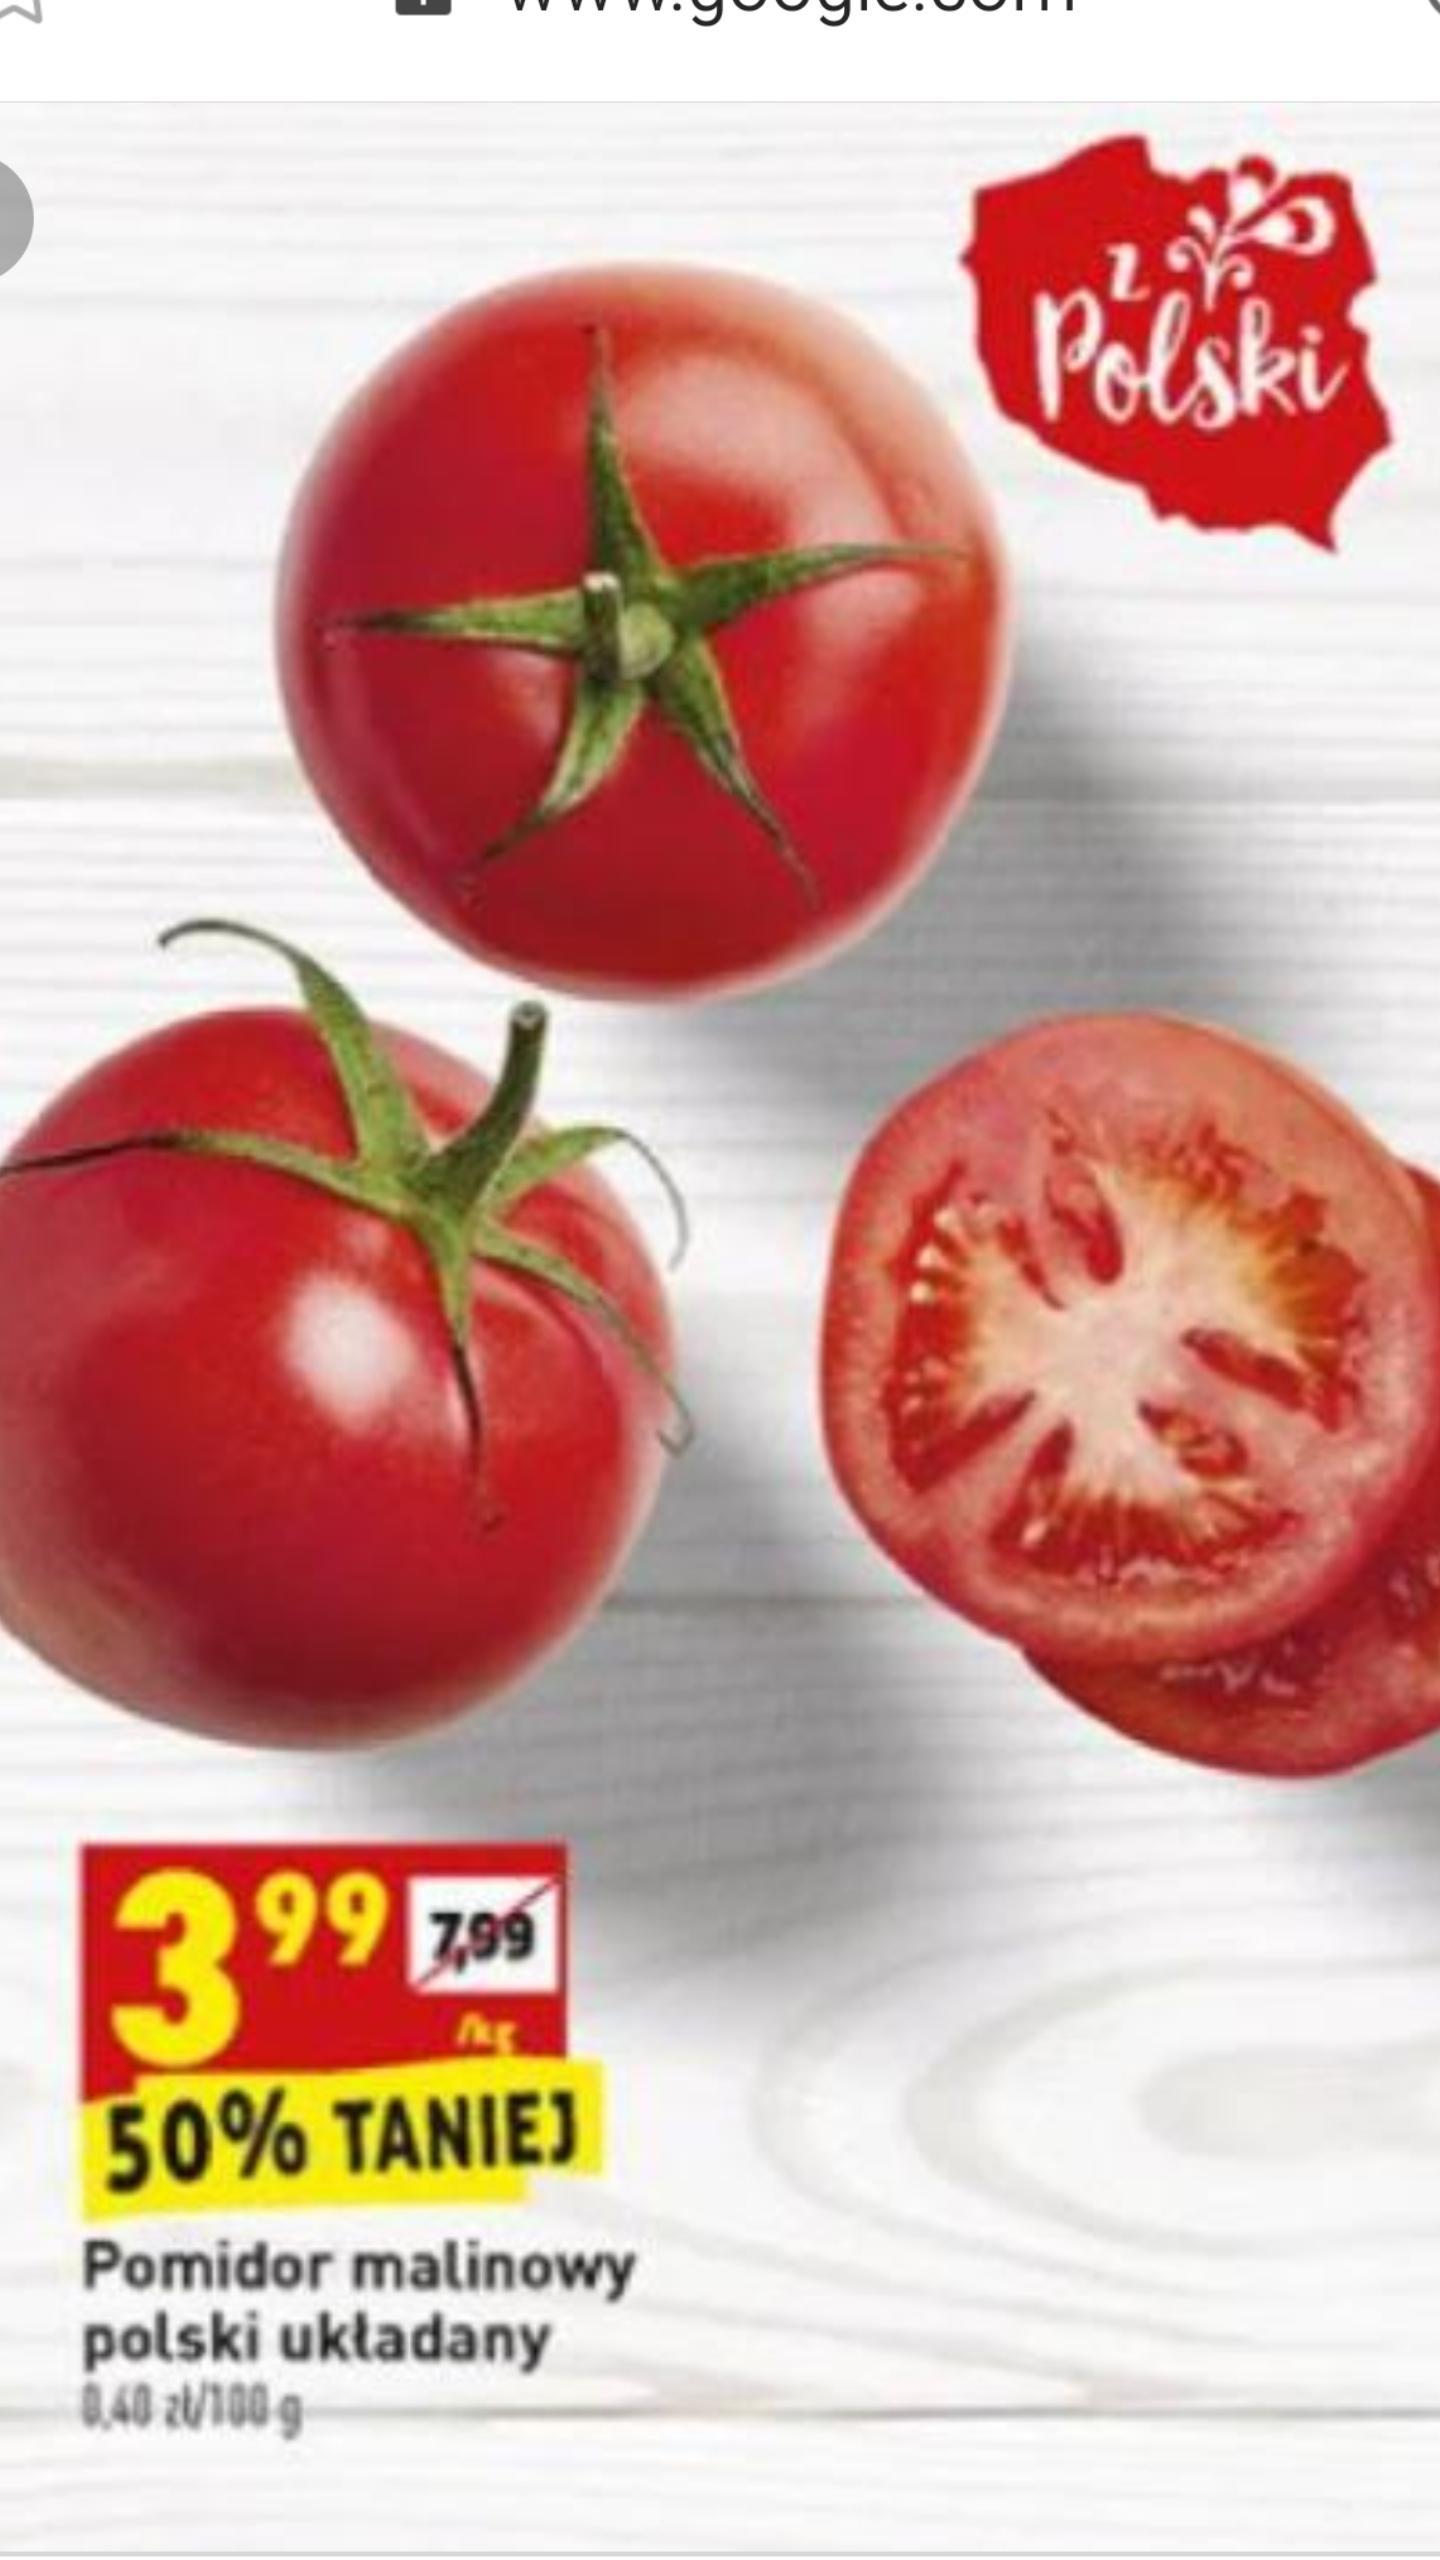 Pomidory malinowe polskie układane Biedronka